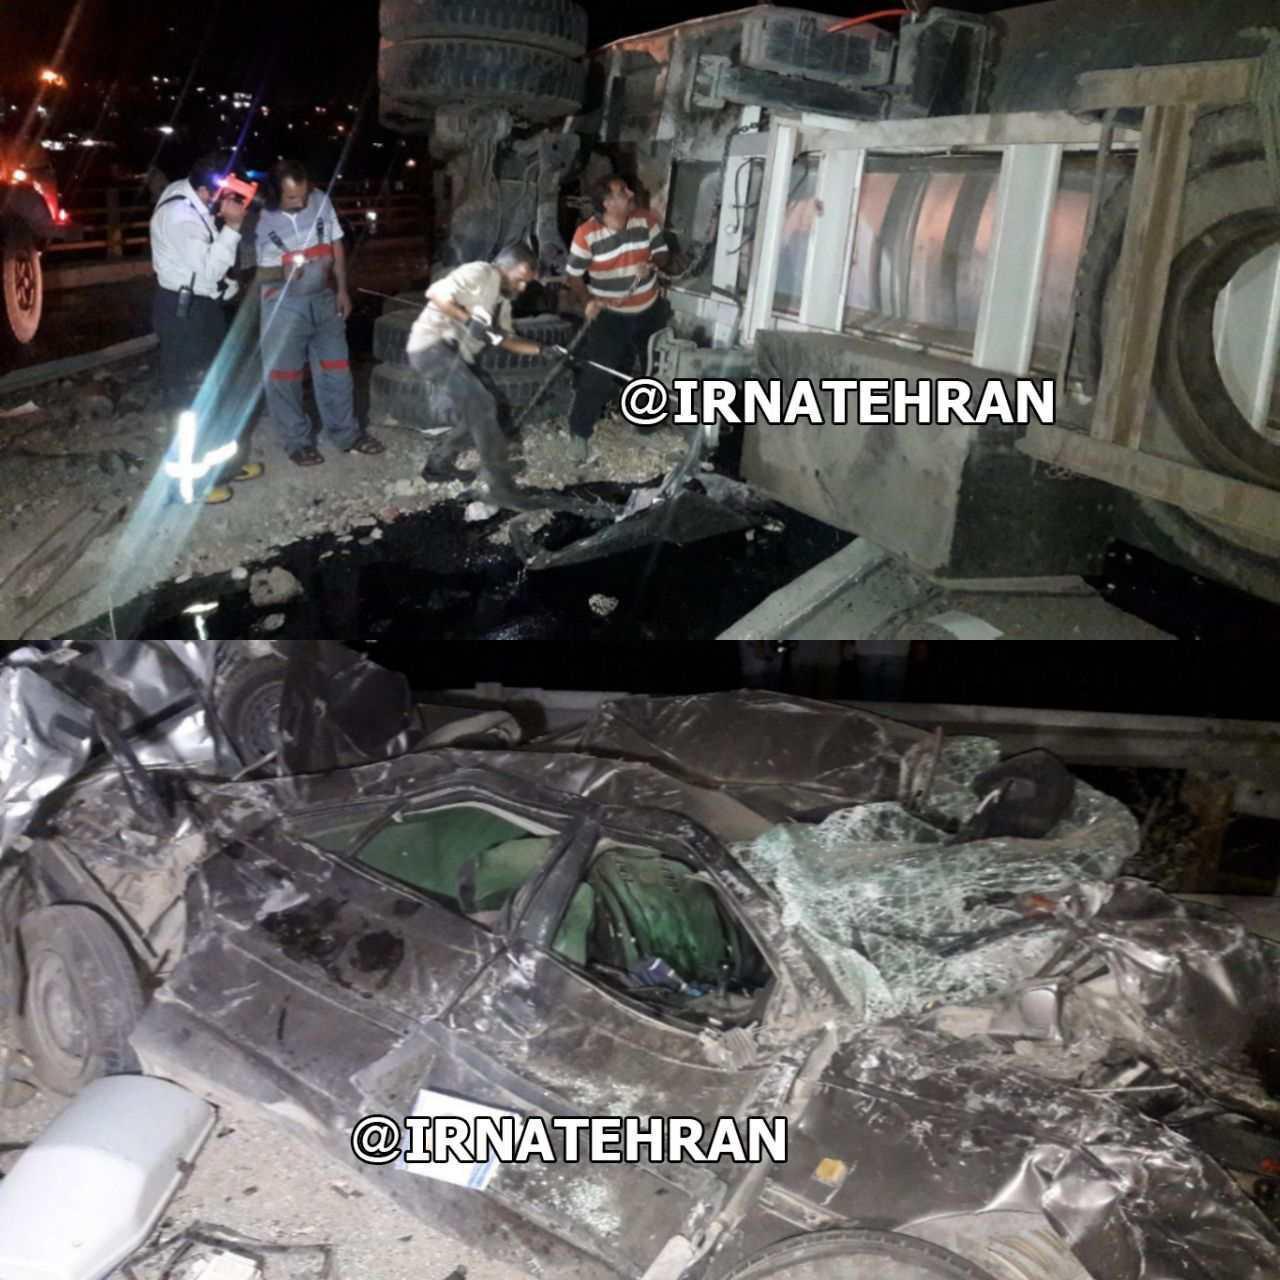 واژگونی تریلر حاوی قیر به علت برخورد شدید با چند خودرو  عامل ترافیک سنگین در محور تهران به دماوند (+عکس)